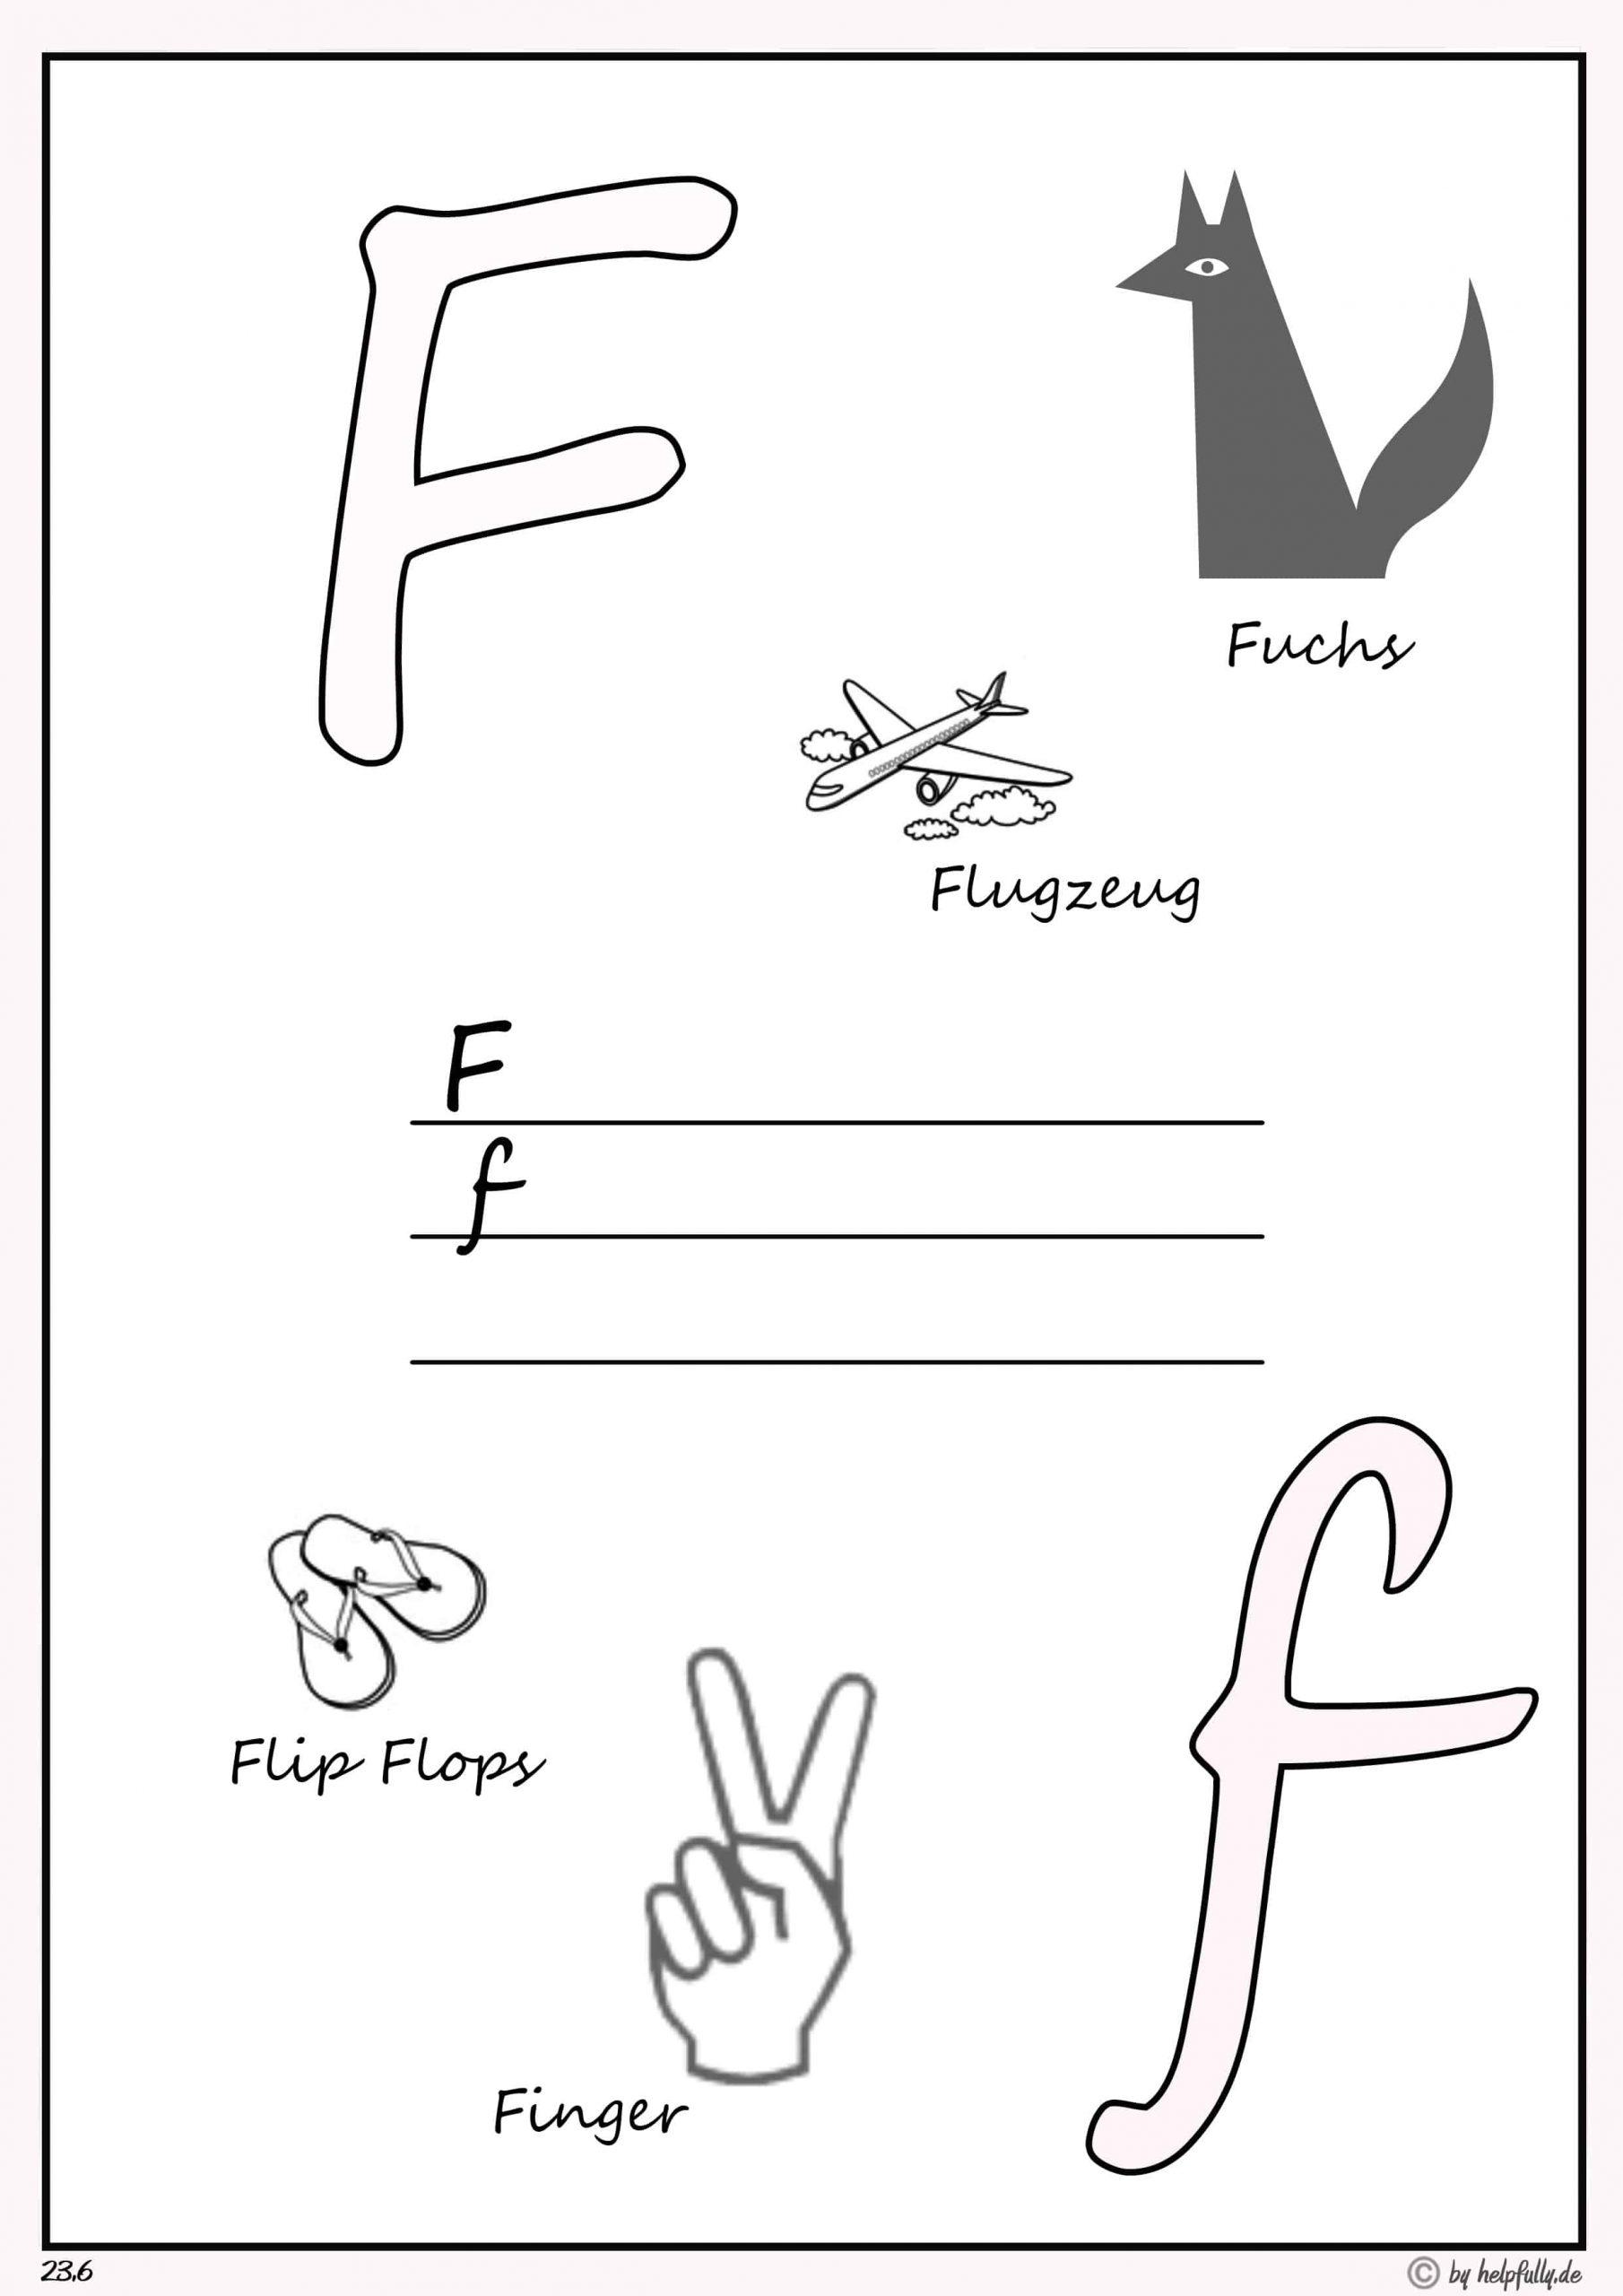 Buchstaben Zum Ausdrucken | Vorlage Als Gratis Pdf innen Buchstaben Zum Ausdrucken